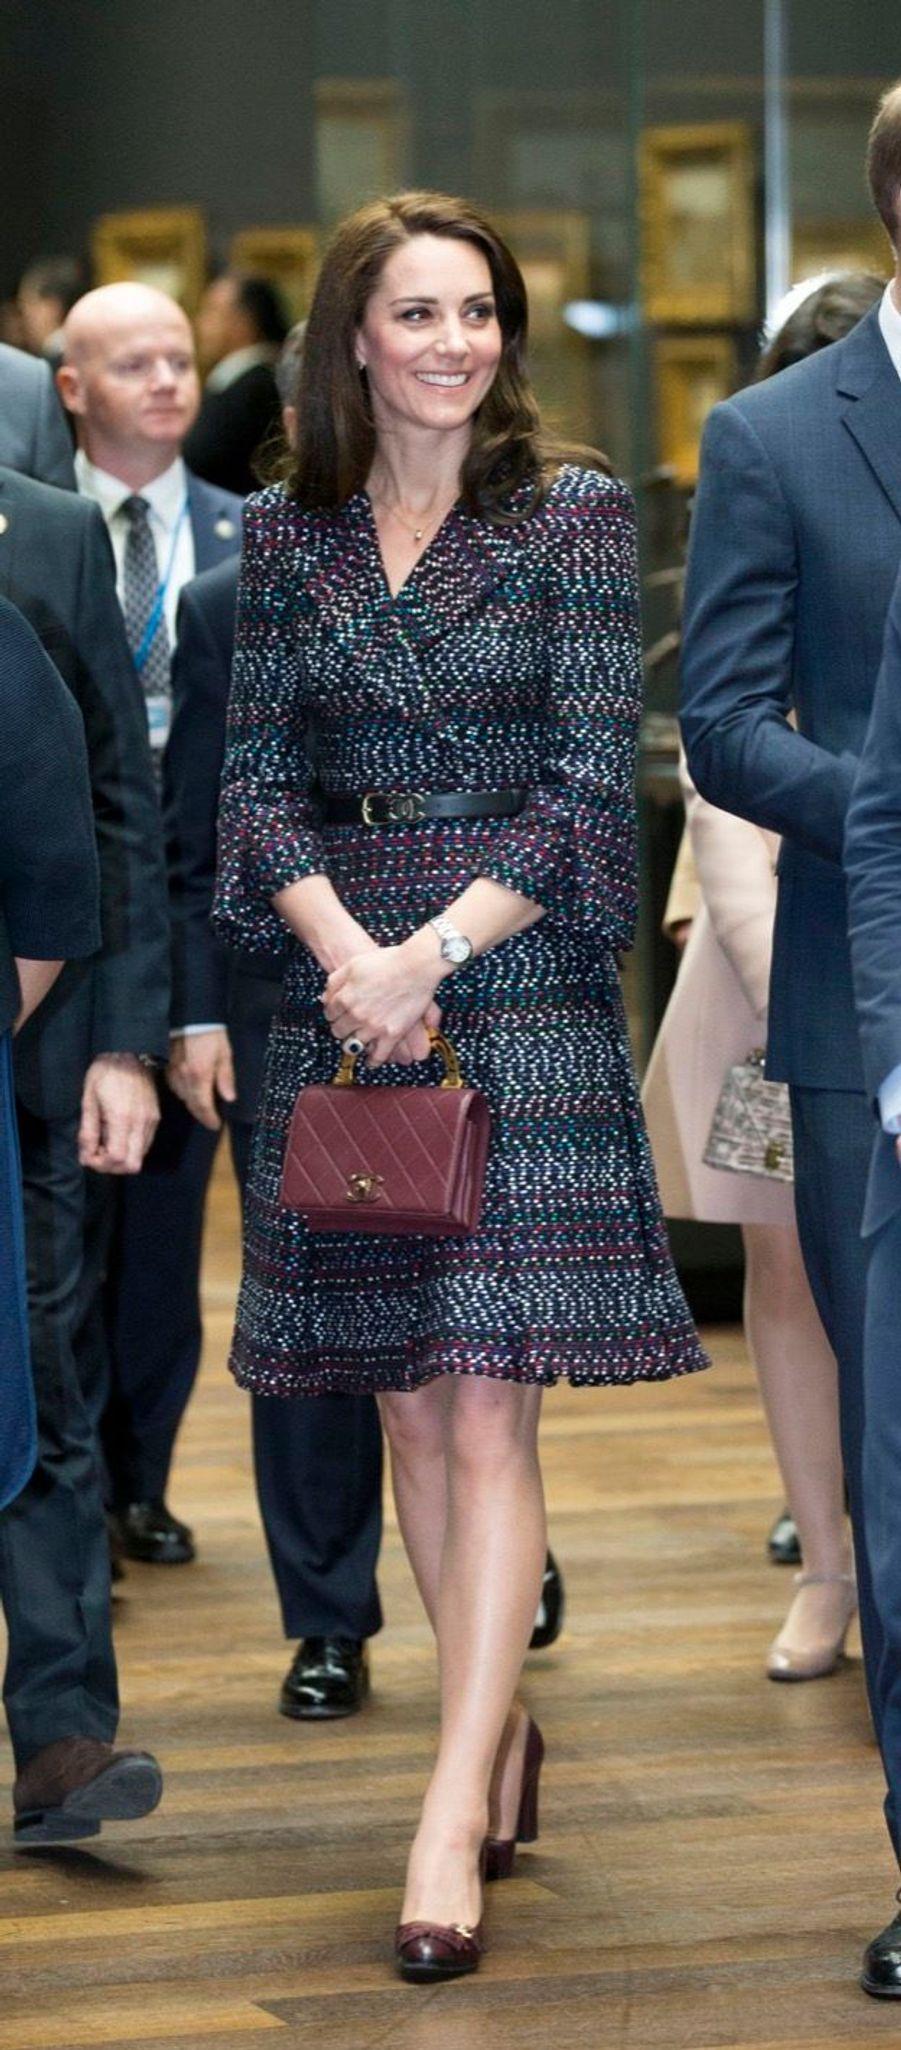 Kate Middleton Et Le Prince William Au Musée D'Orsay 35